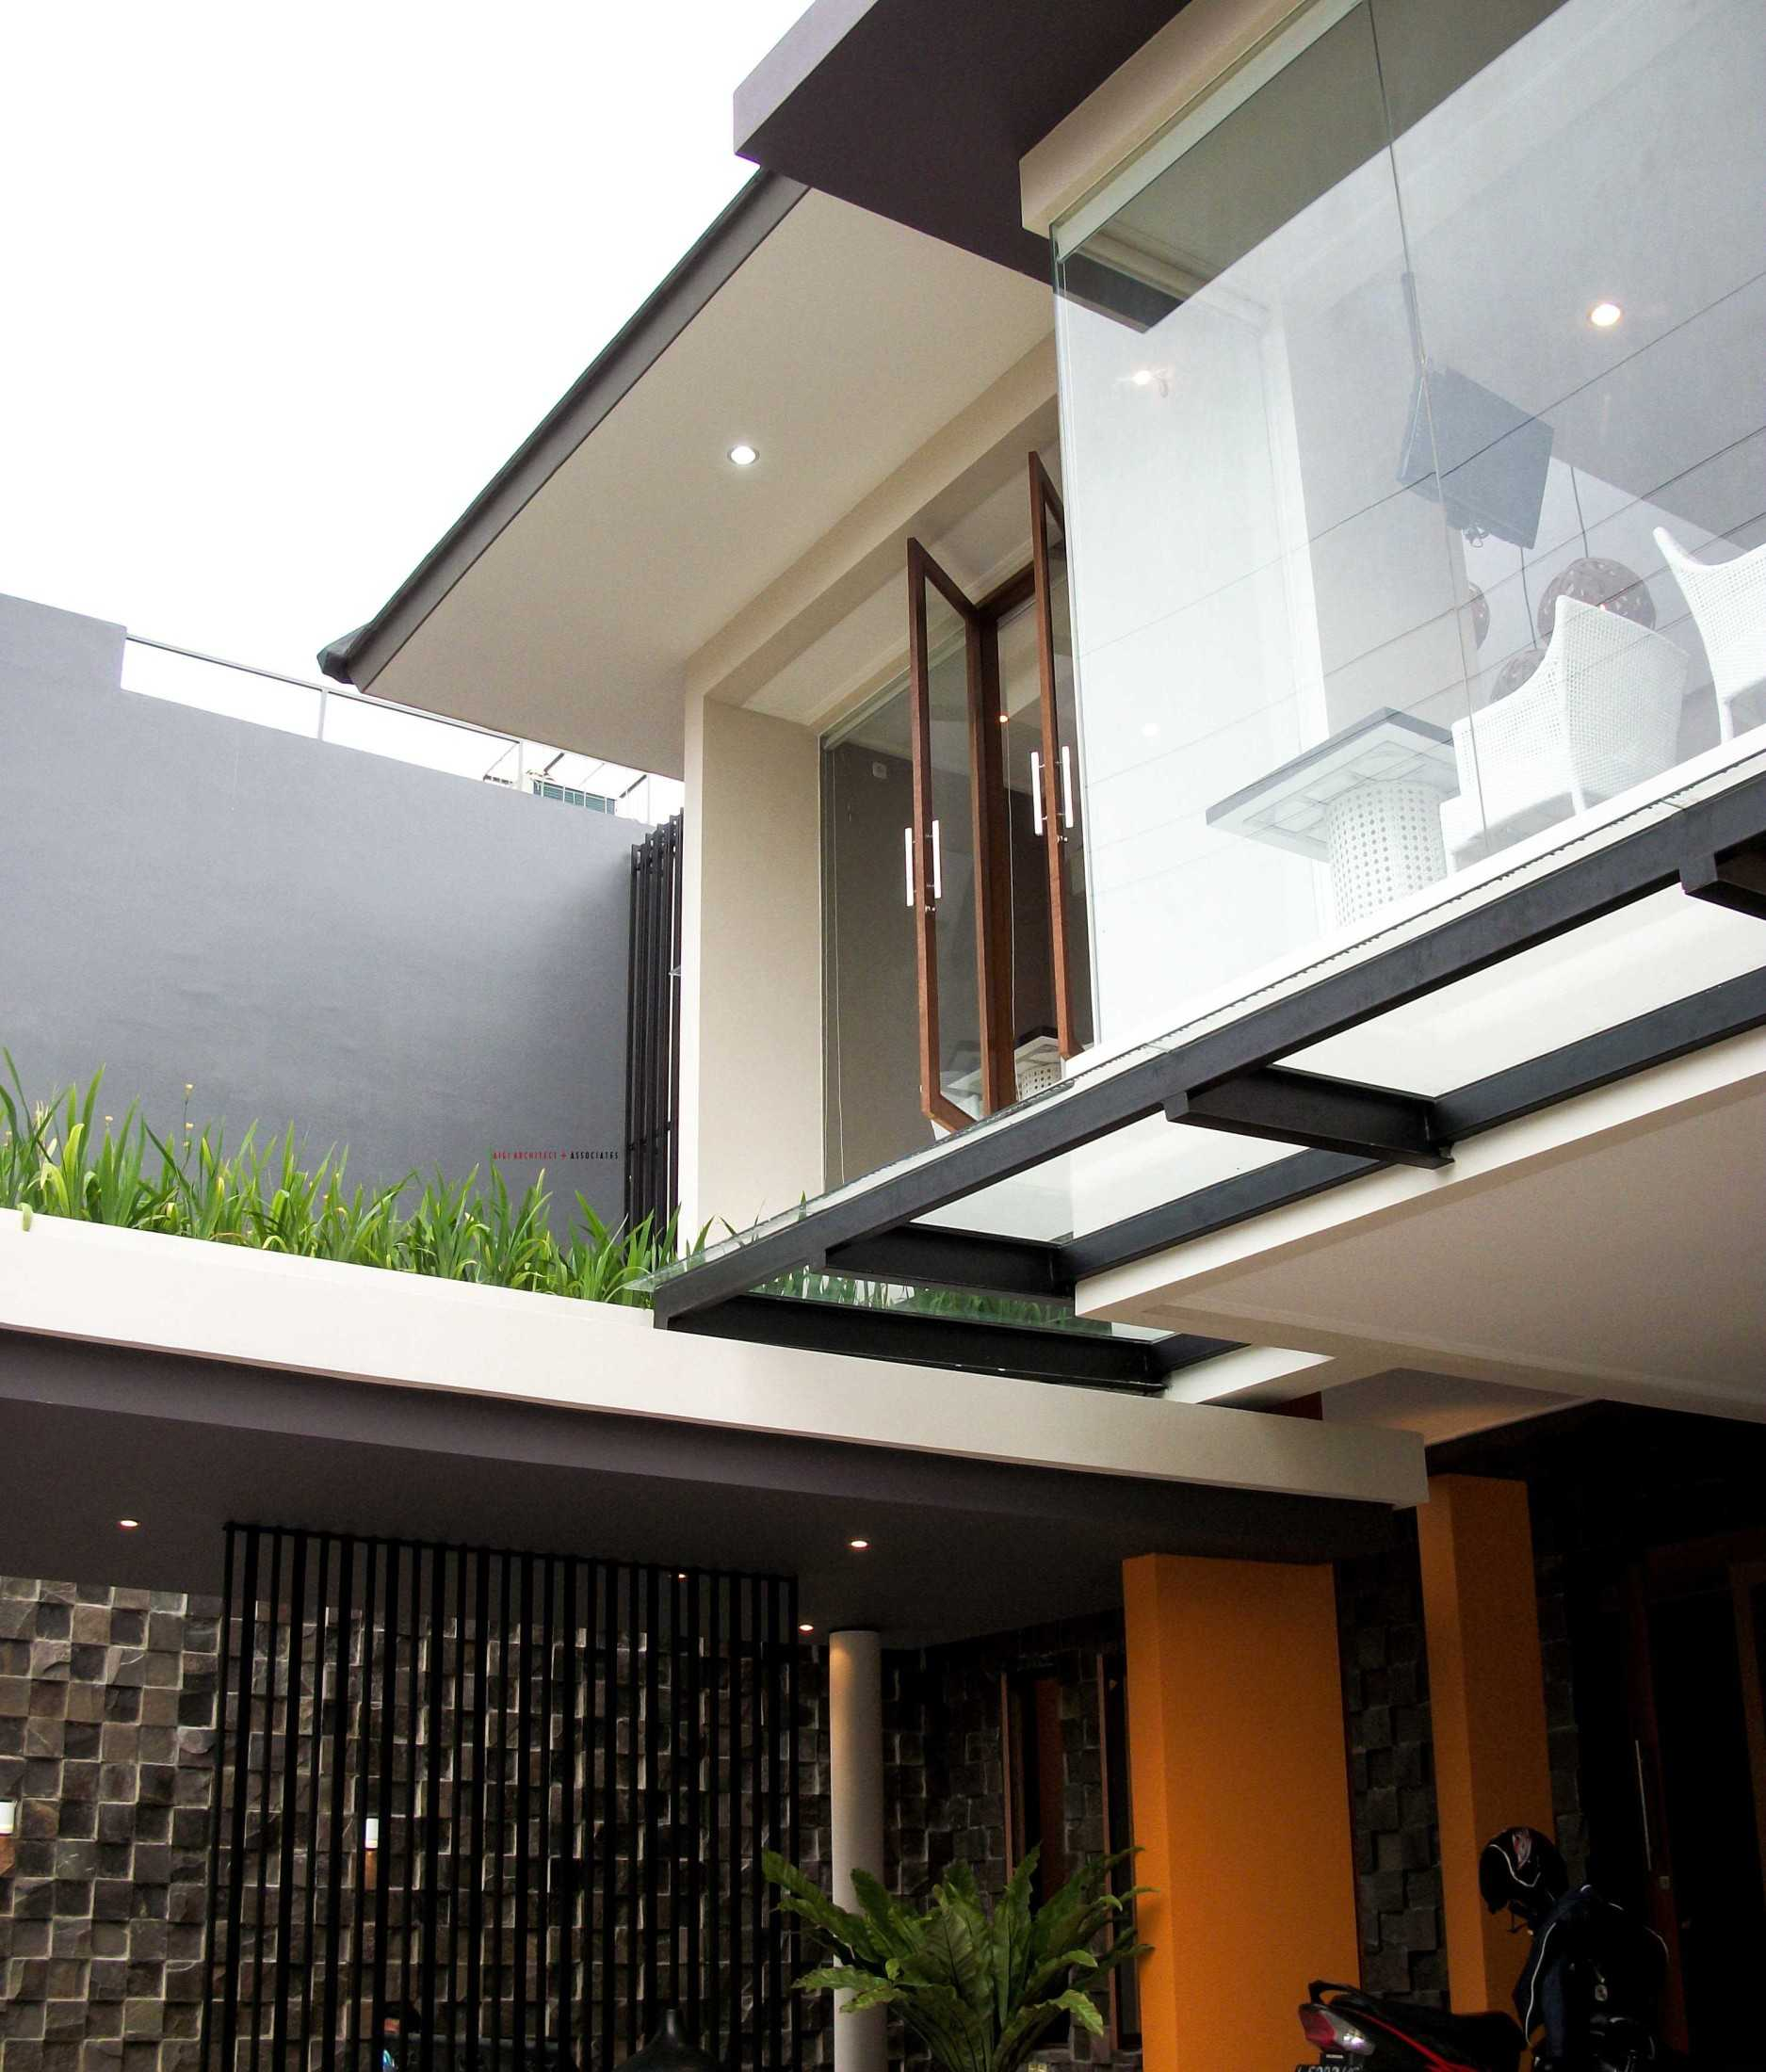 Jasa Arsitek Arnold Iskandar G Intan di Surabaya